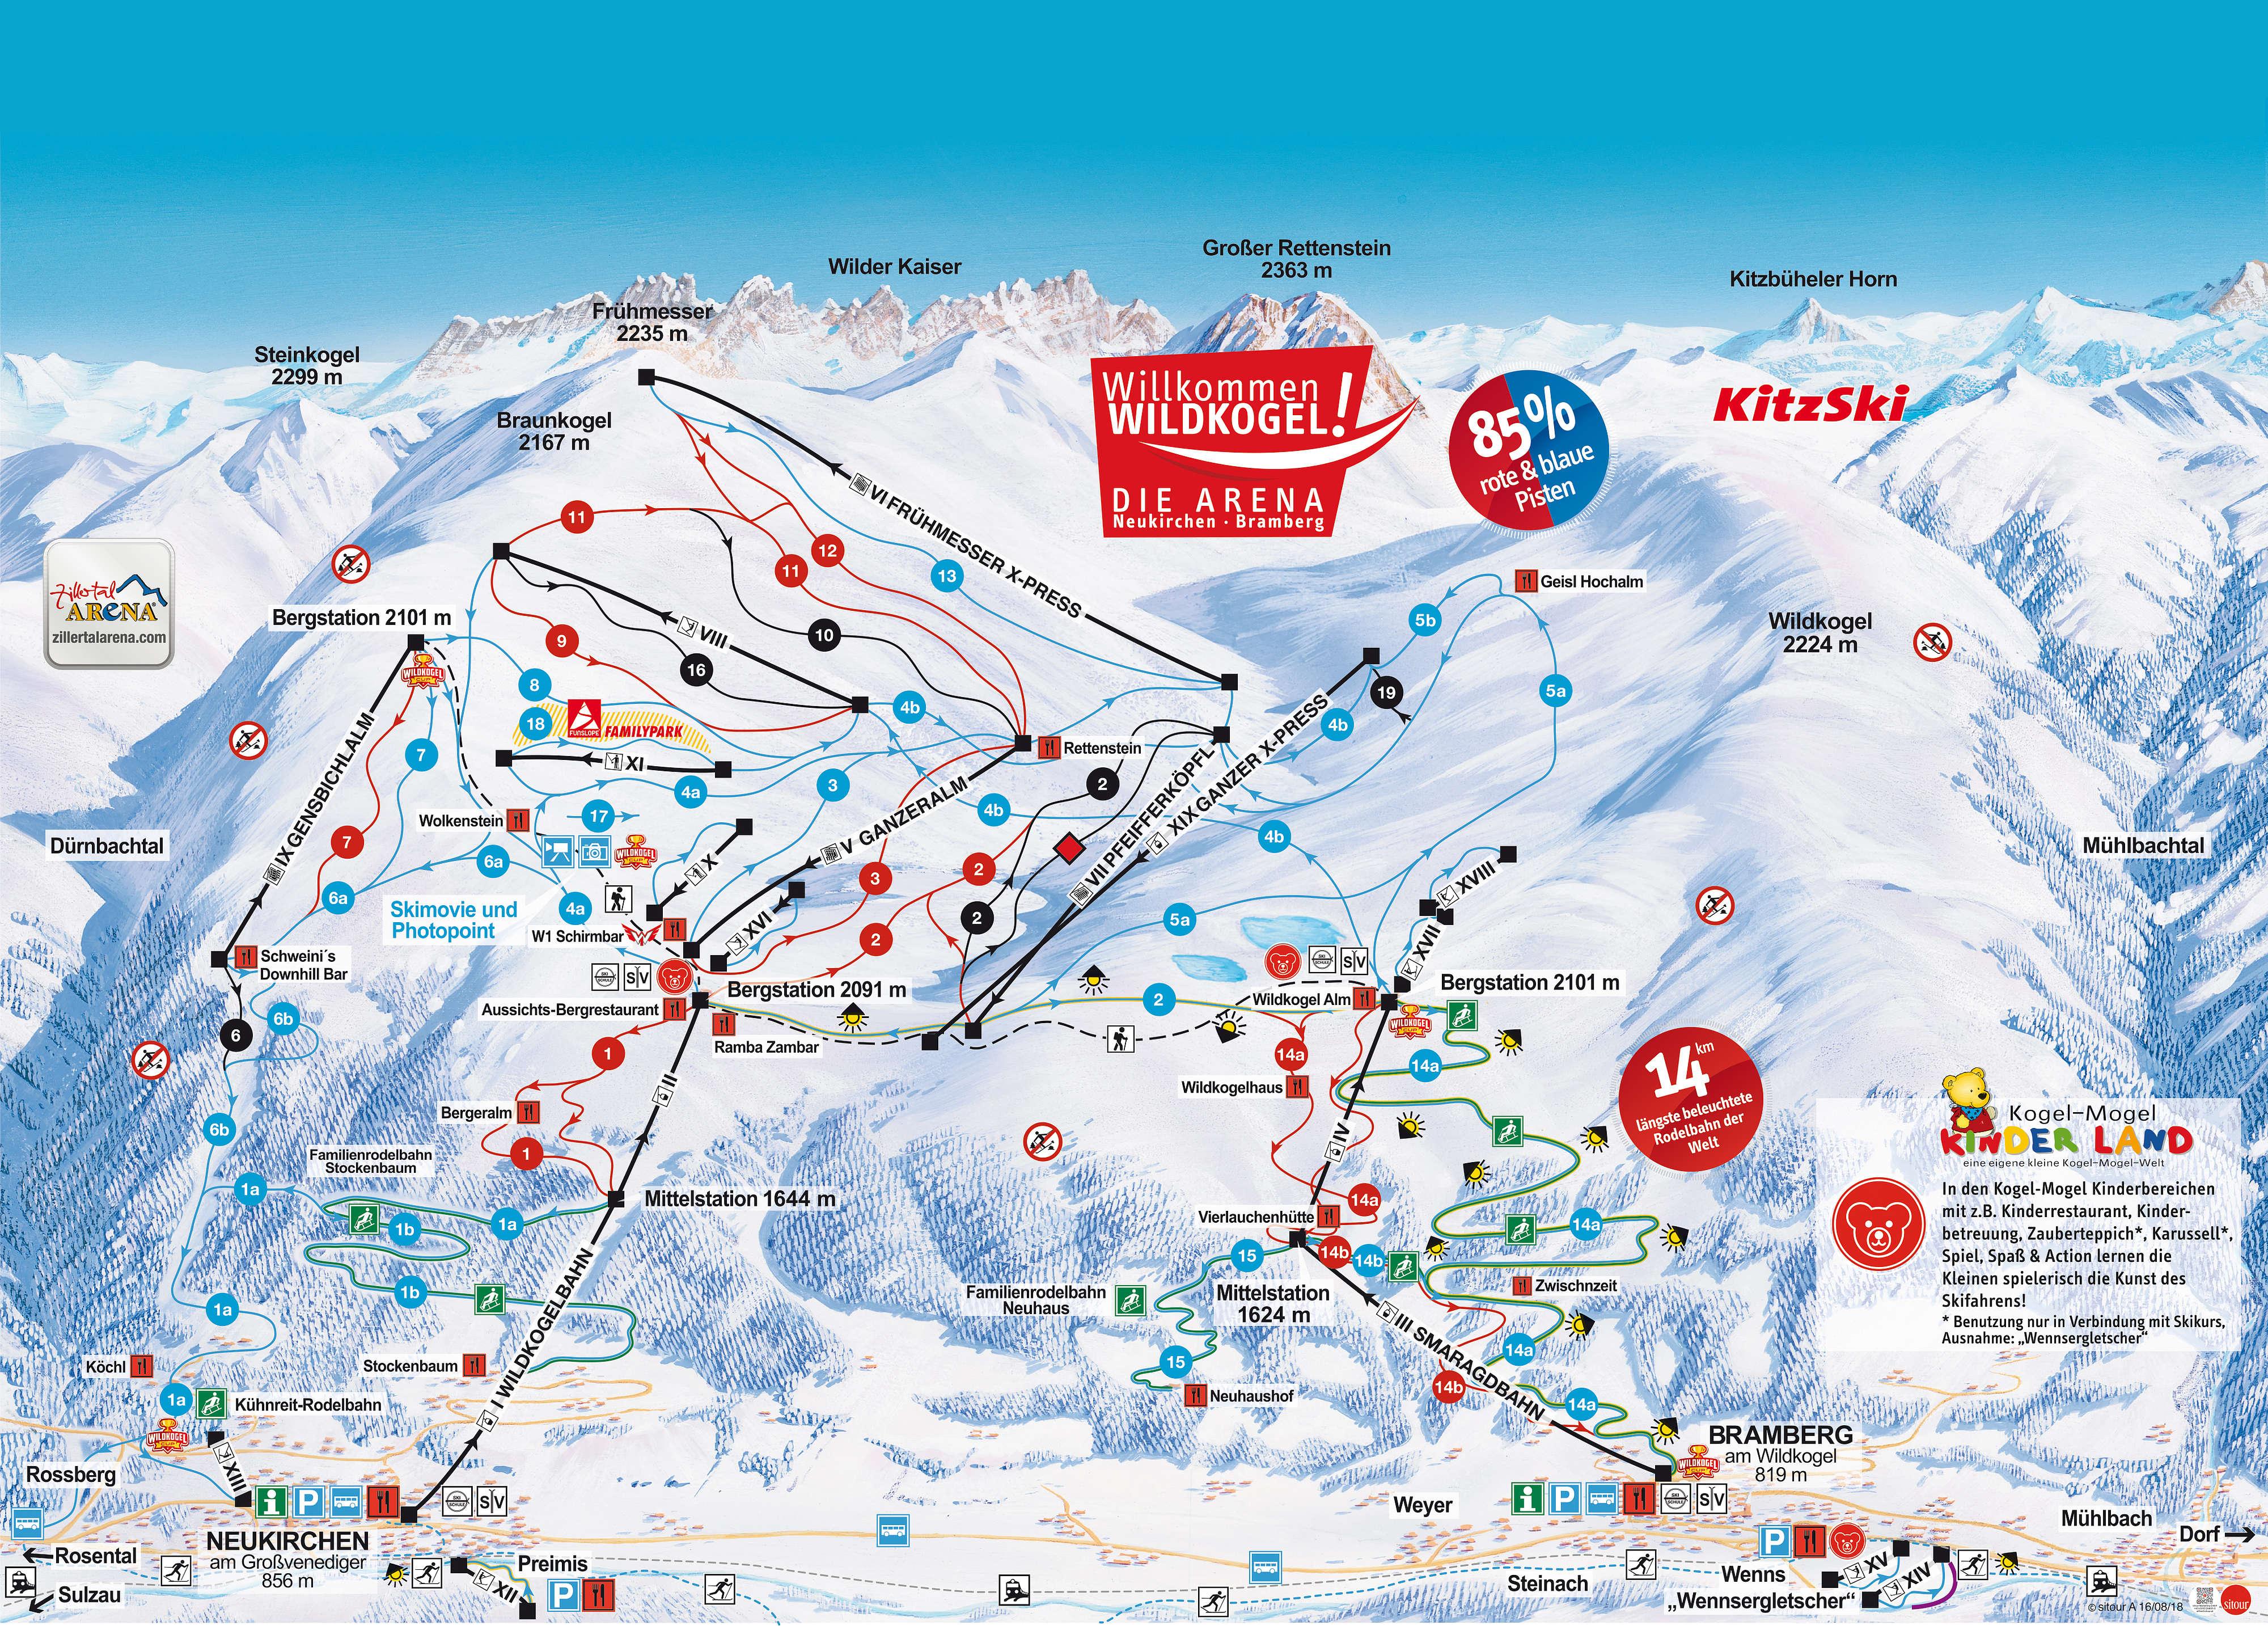 Wildkogel_map.jpg